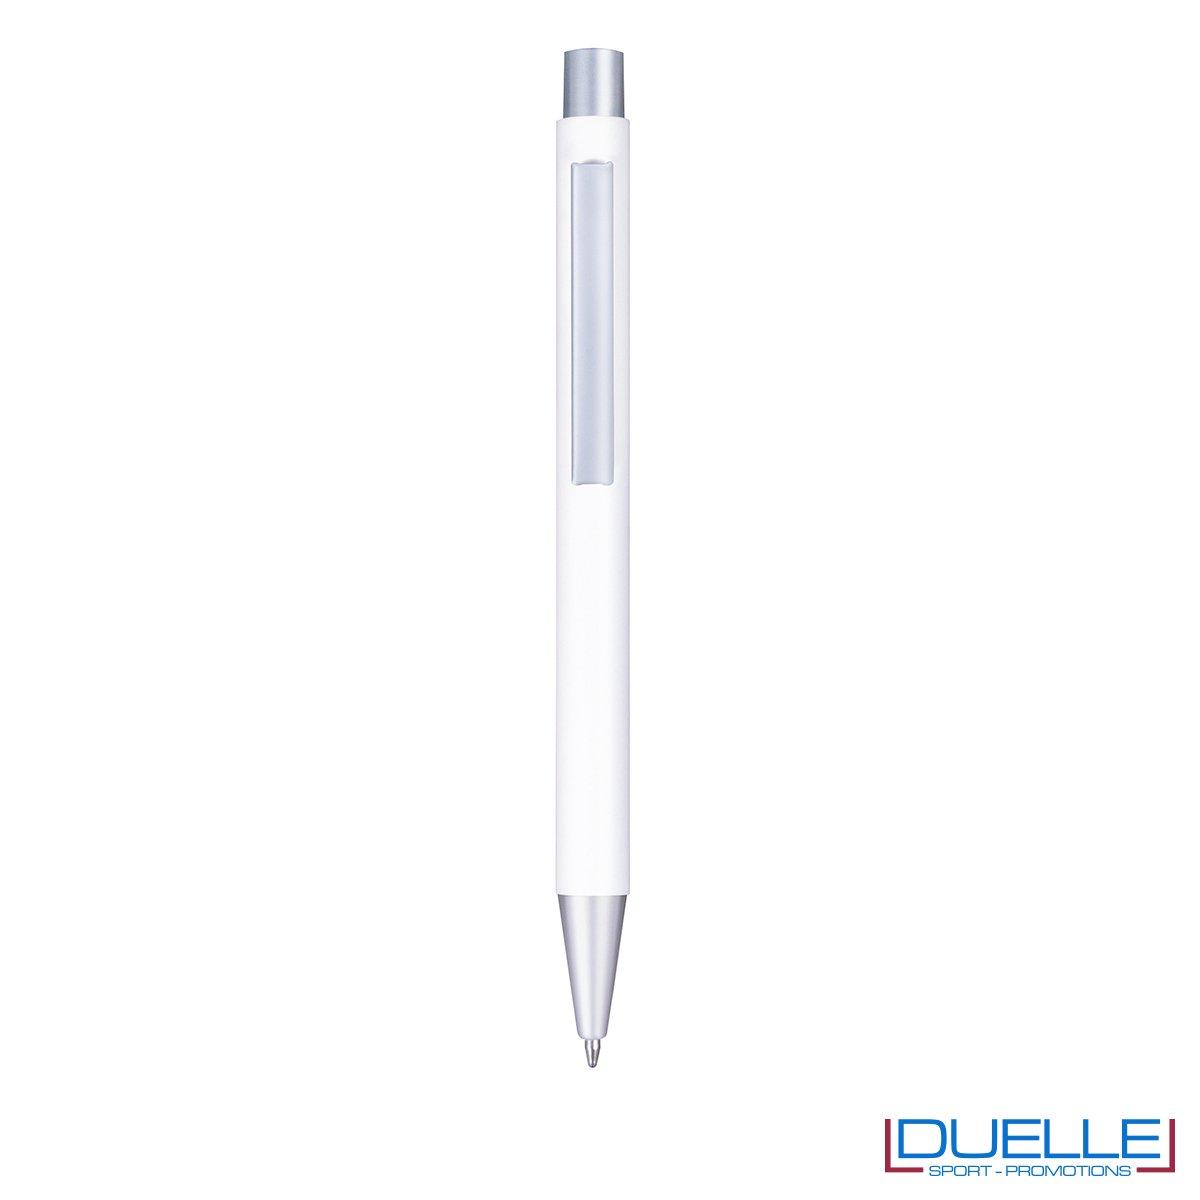 Penna in metallo personalizzata con incisione laser colore bianco